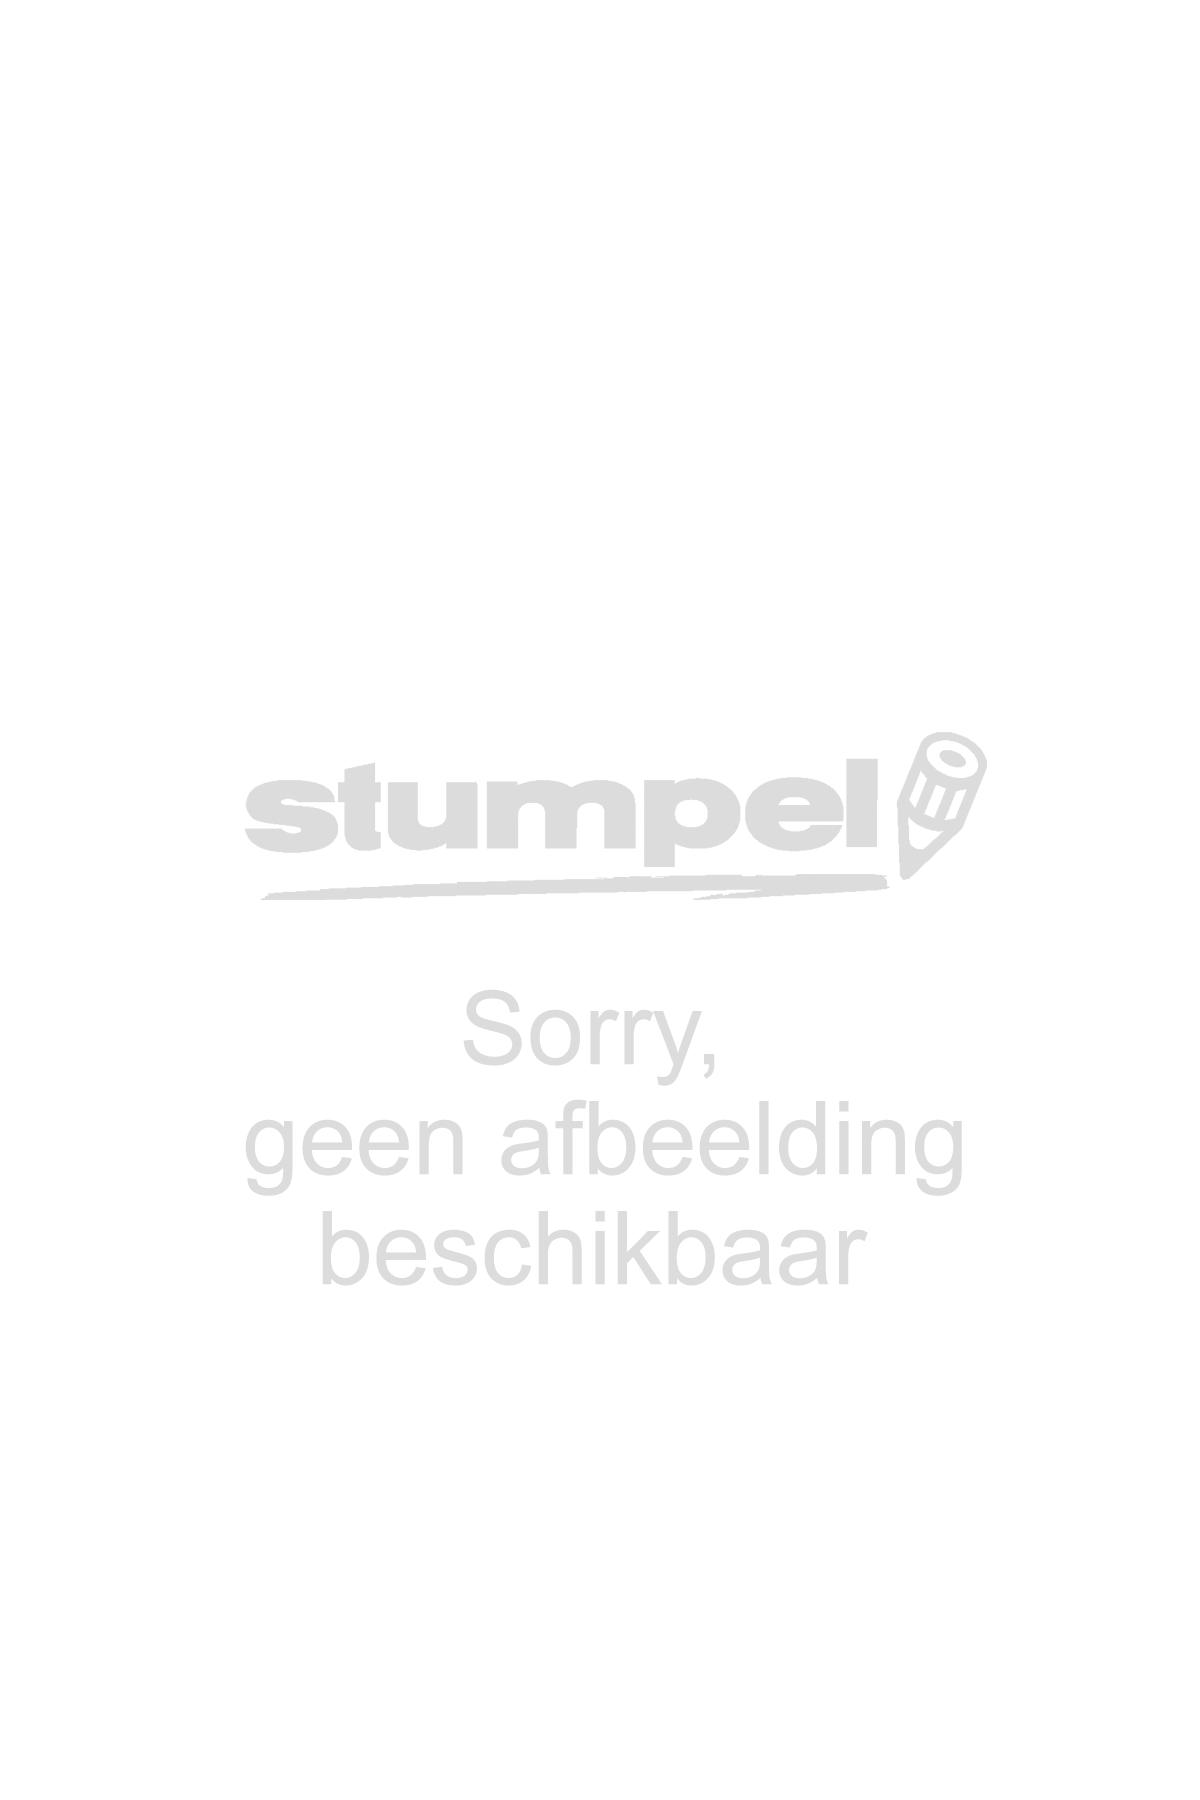 fotoplakboek-wit-16x21-5cm-vlechtpersing-perg-10097022